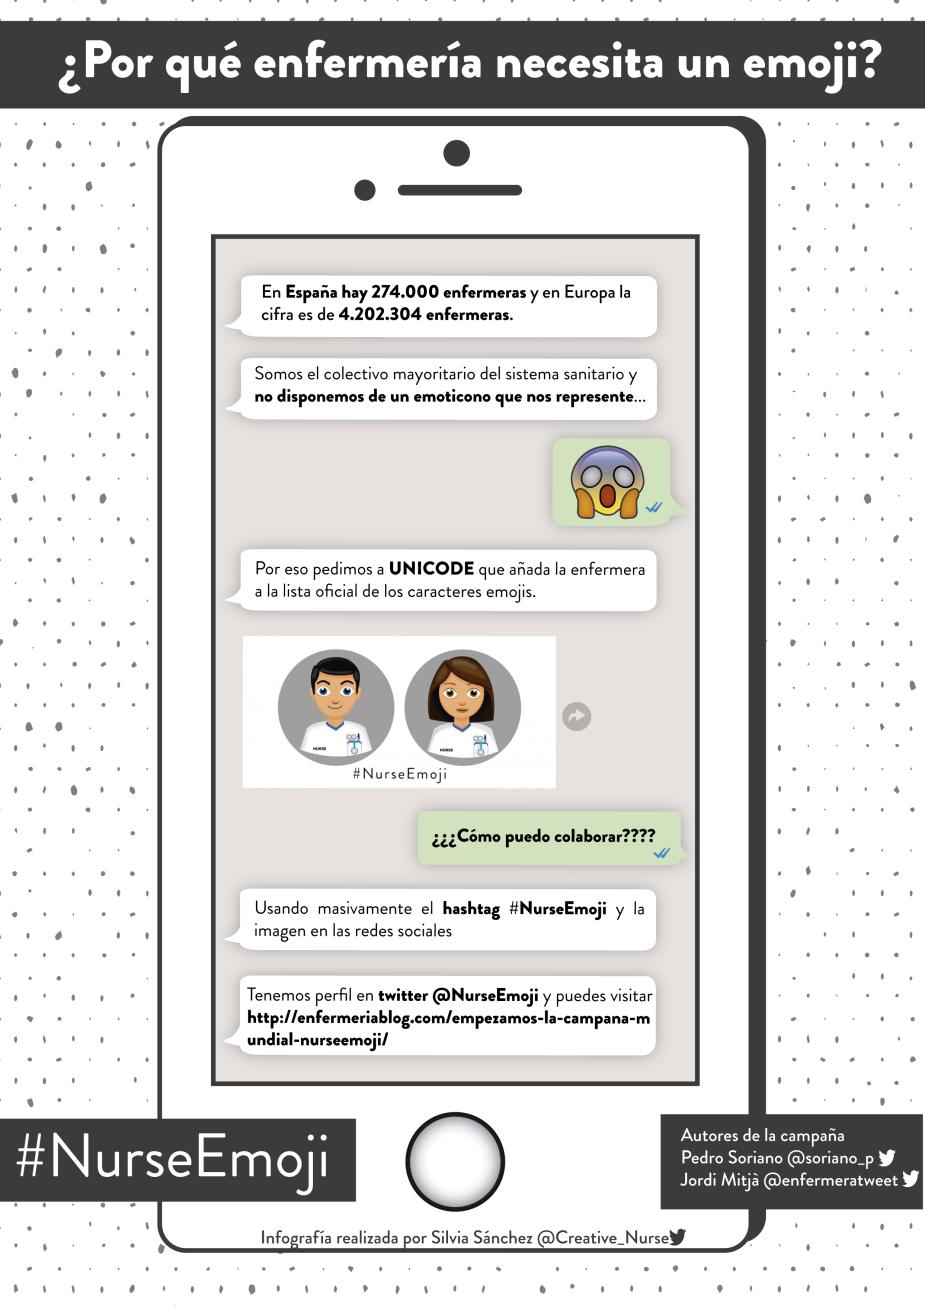 Infografia_nurseemoji